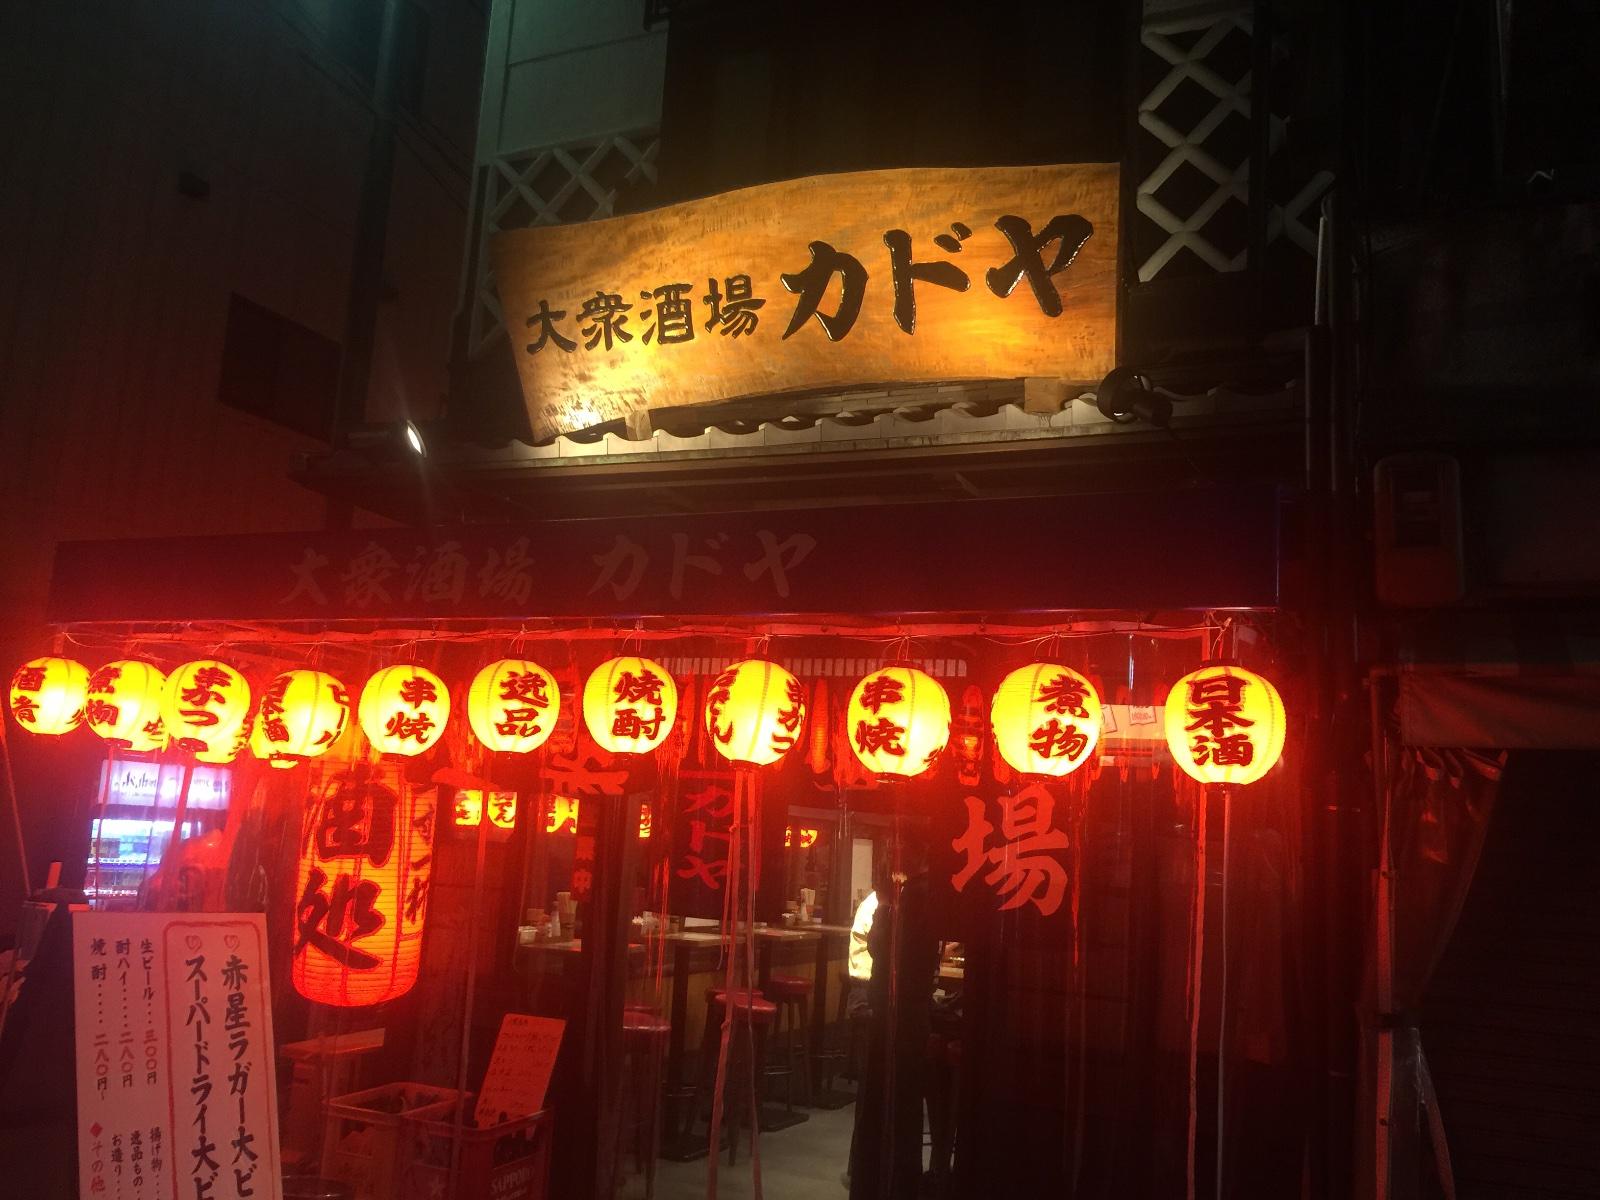 大阪新世界串カツ居酒屋かどや